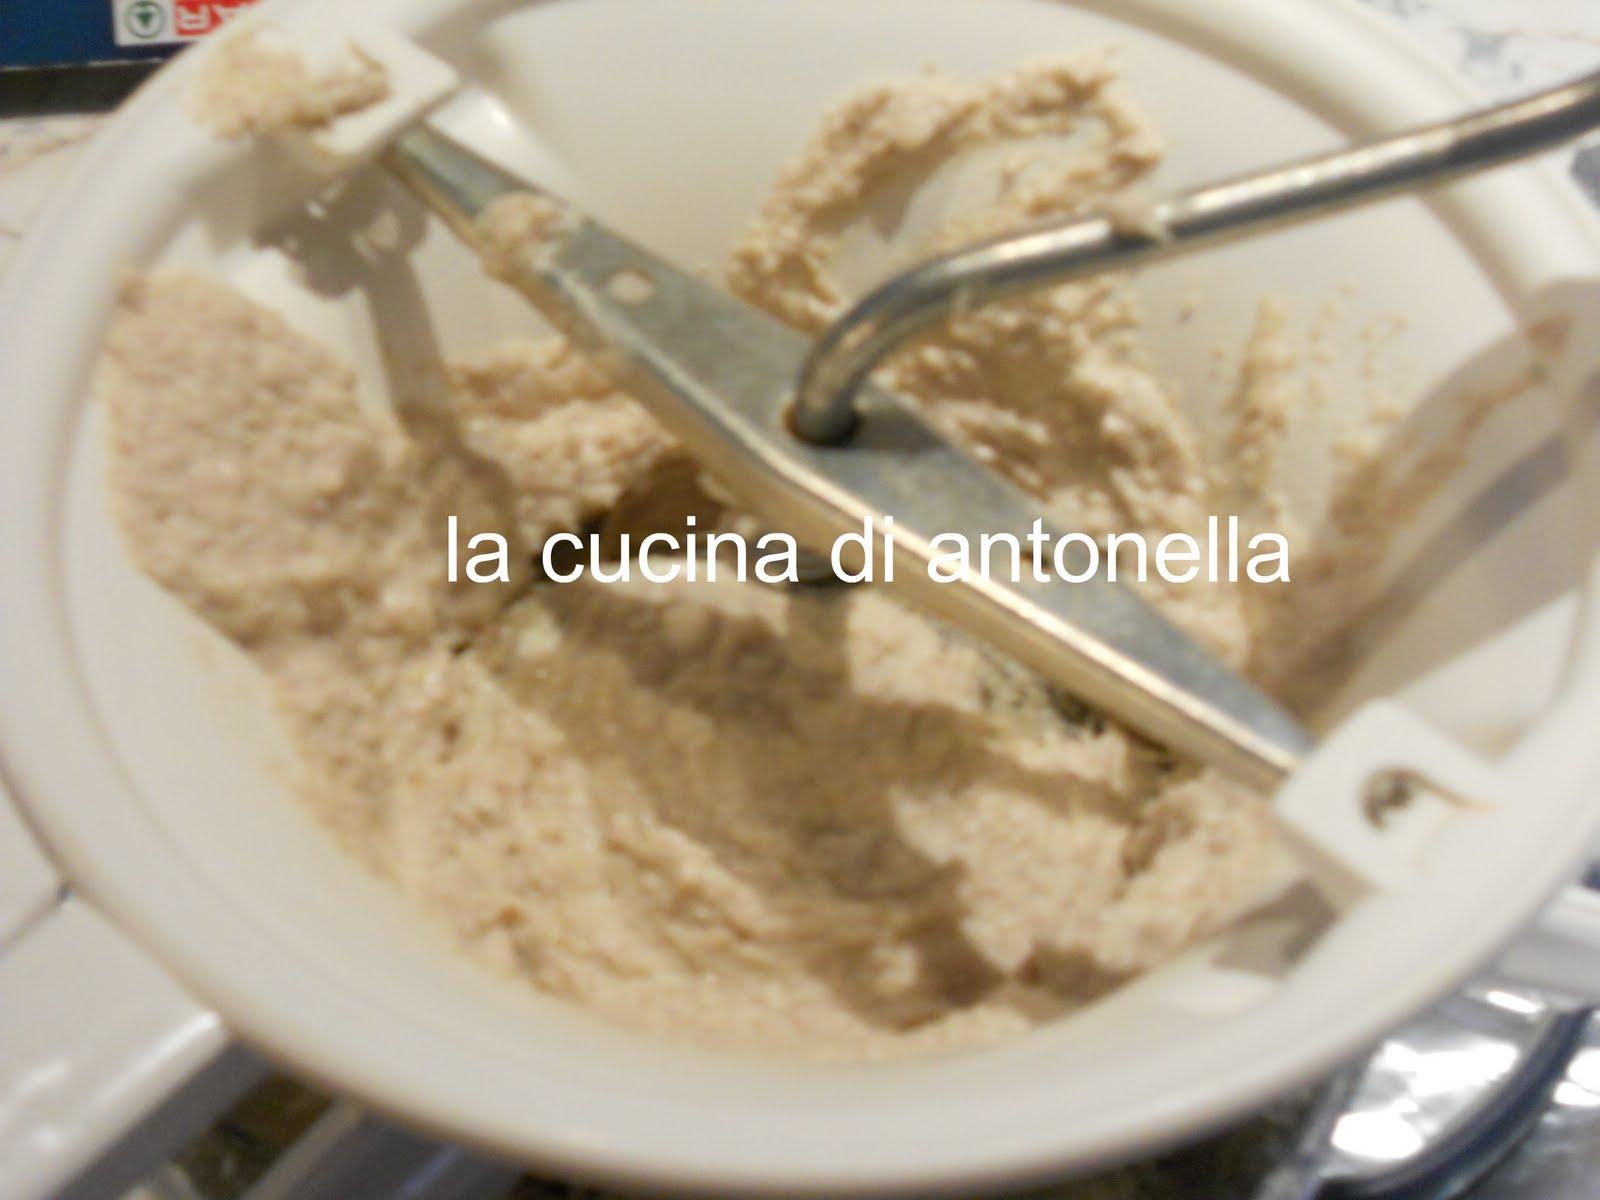 La cucina di antonella mousse di carciofi con crostini caldi - La cucina di antonella ...